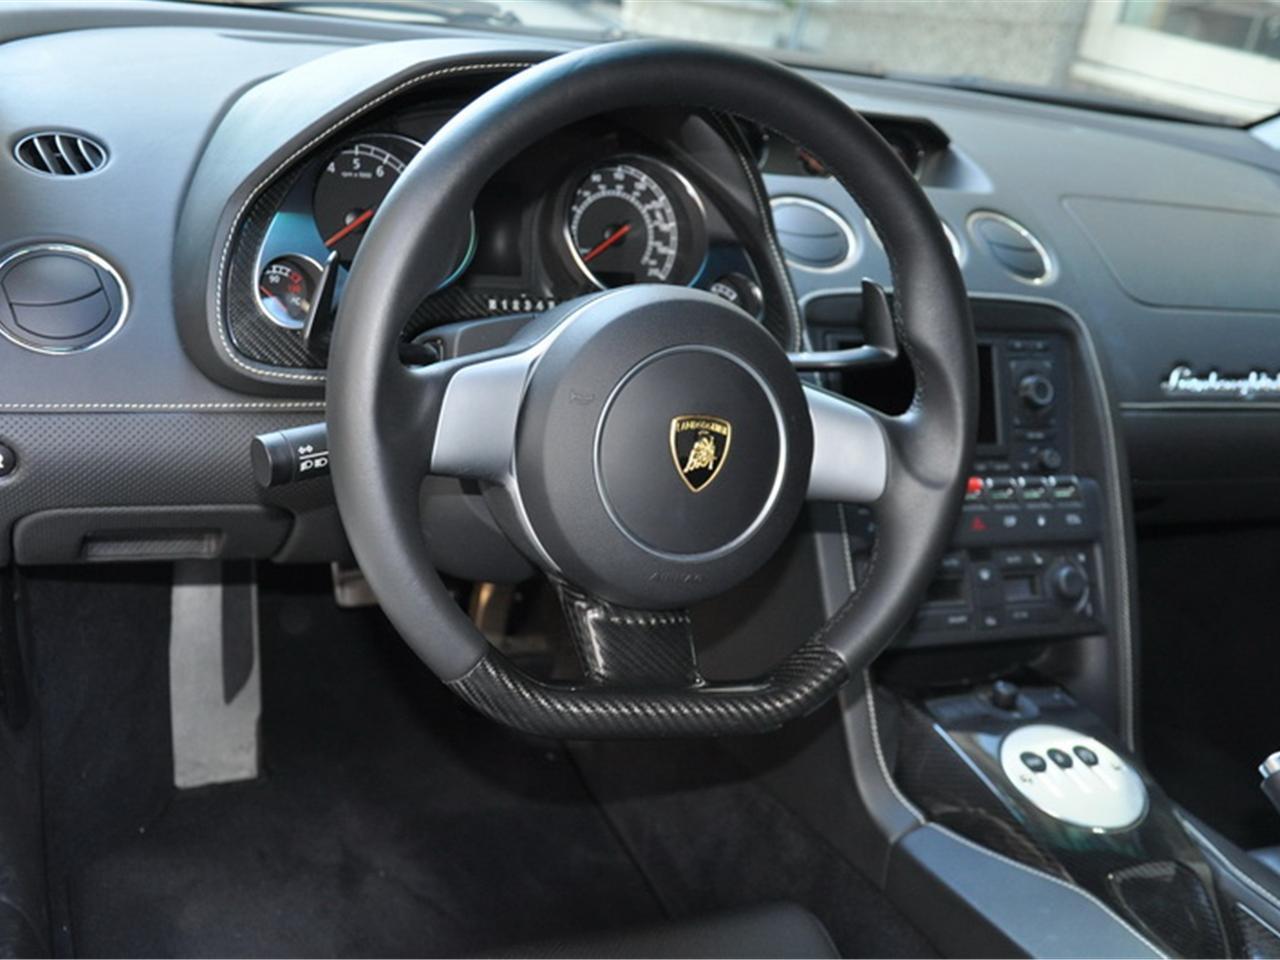 2008 Lamborghini Gallardo E-gear Coupe